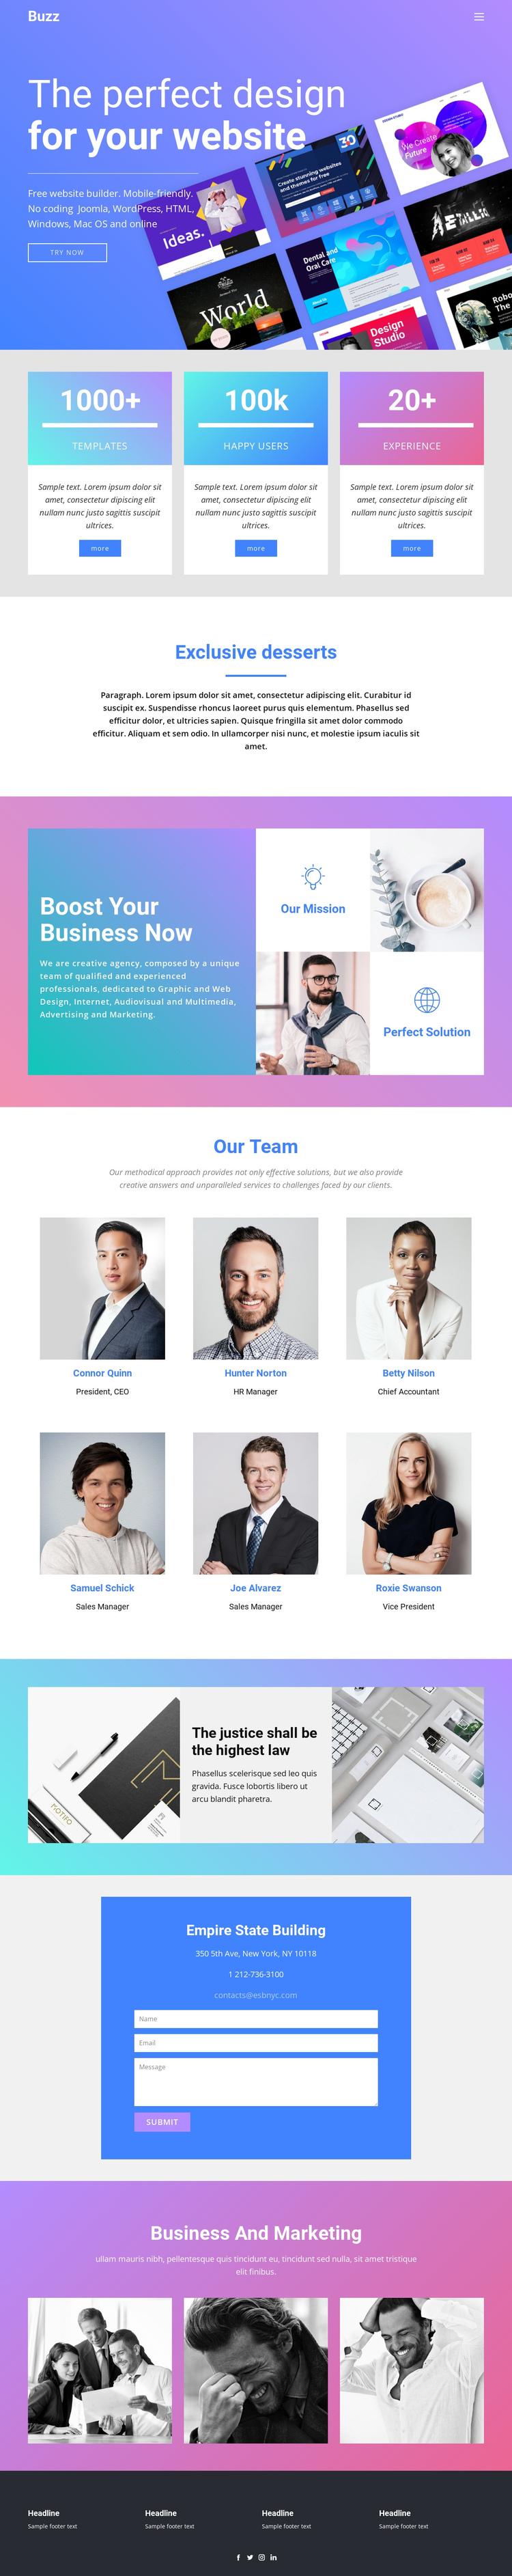 Design websites for business Website Builder Software